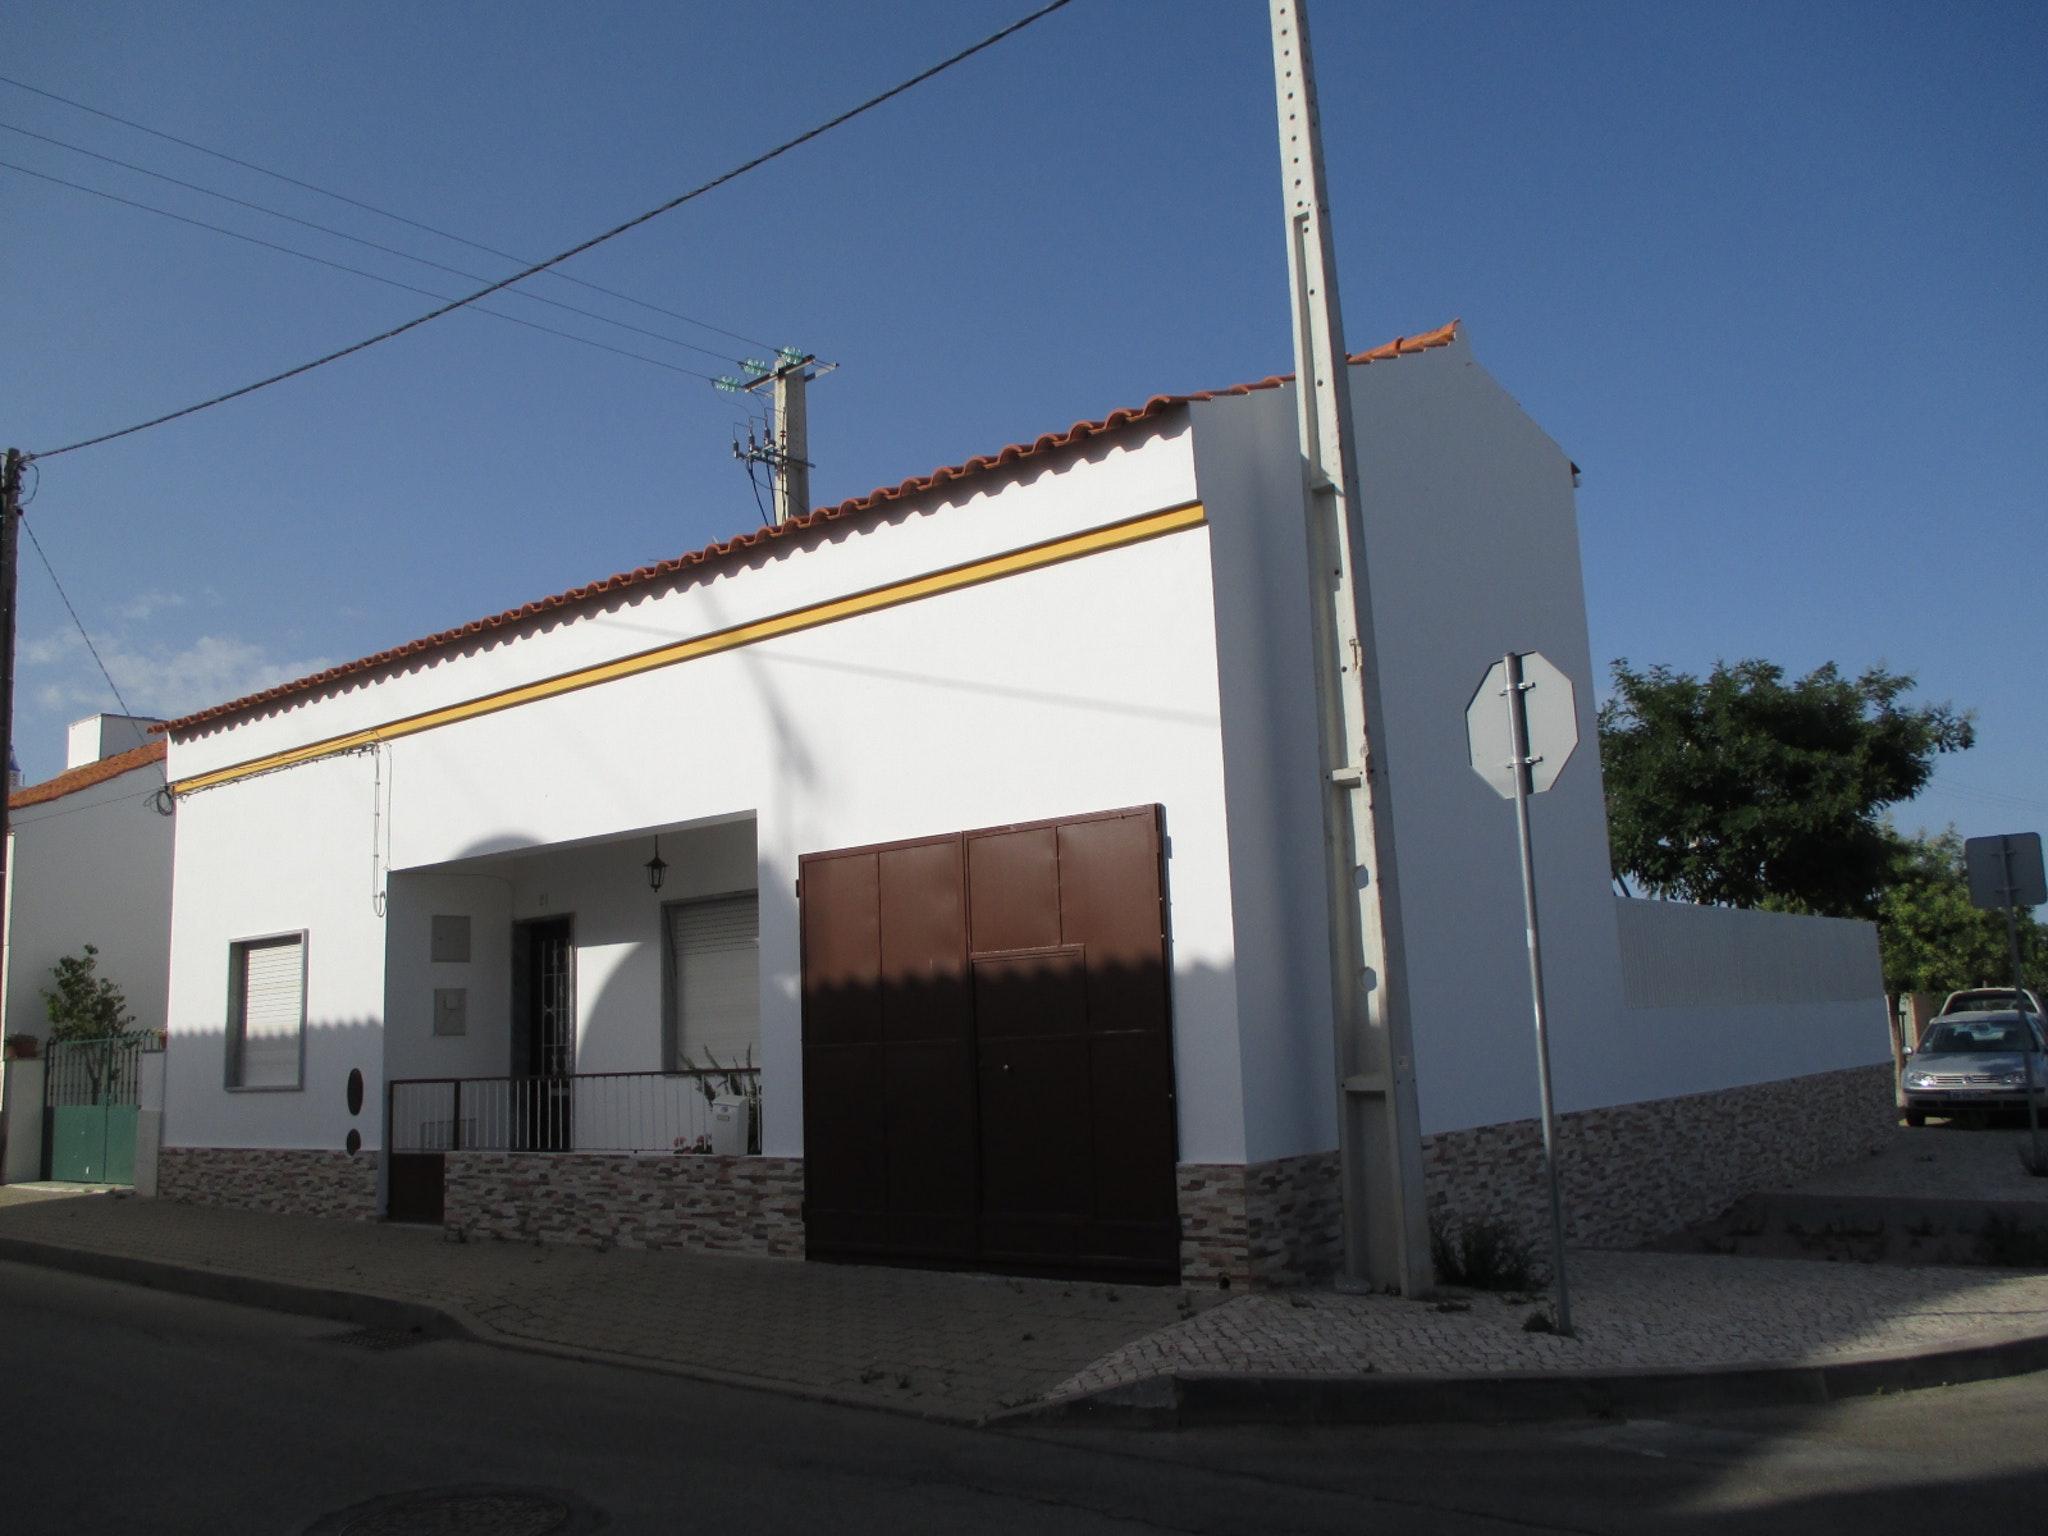 Ferienhaus Haus mit 3 Schlafzimmern in Luz (Luz de Tavira) mit eingezäuntem Garten - 2 km vom Strand  (2426449), Luz, Ria Formosa, Algarve, Portugal, Bild 19